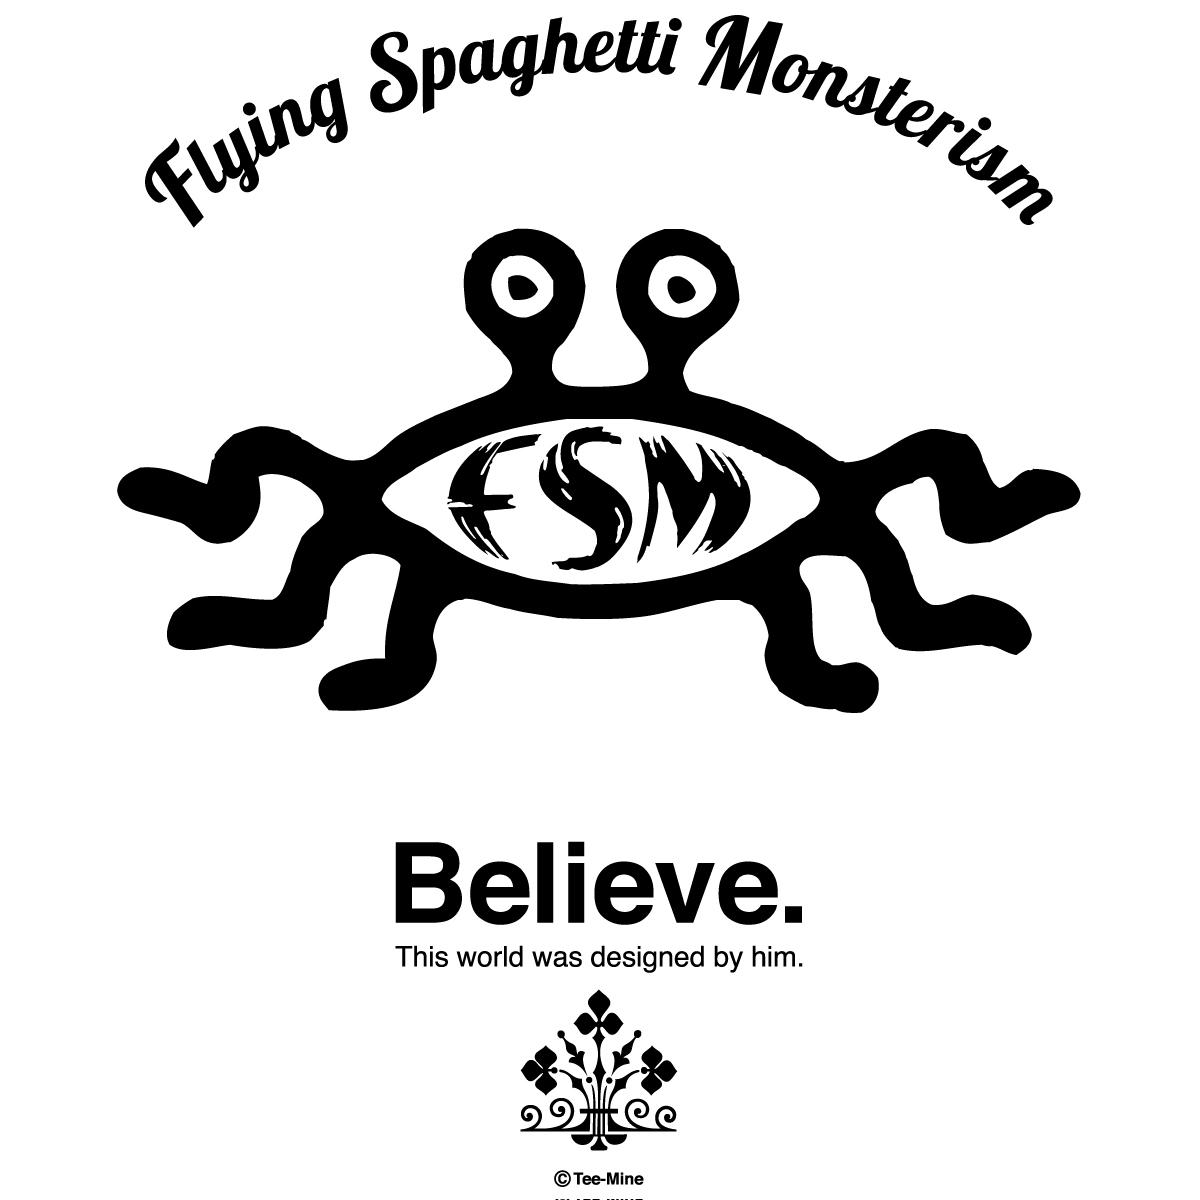 モンスター 教 飛ぶ スパゲッティ 空